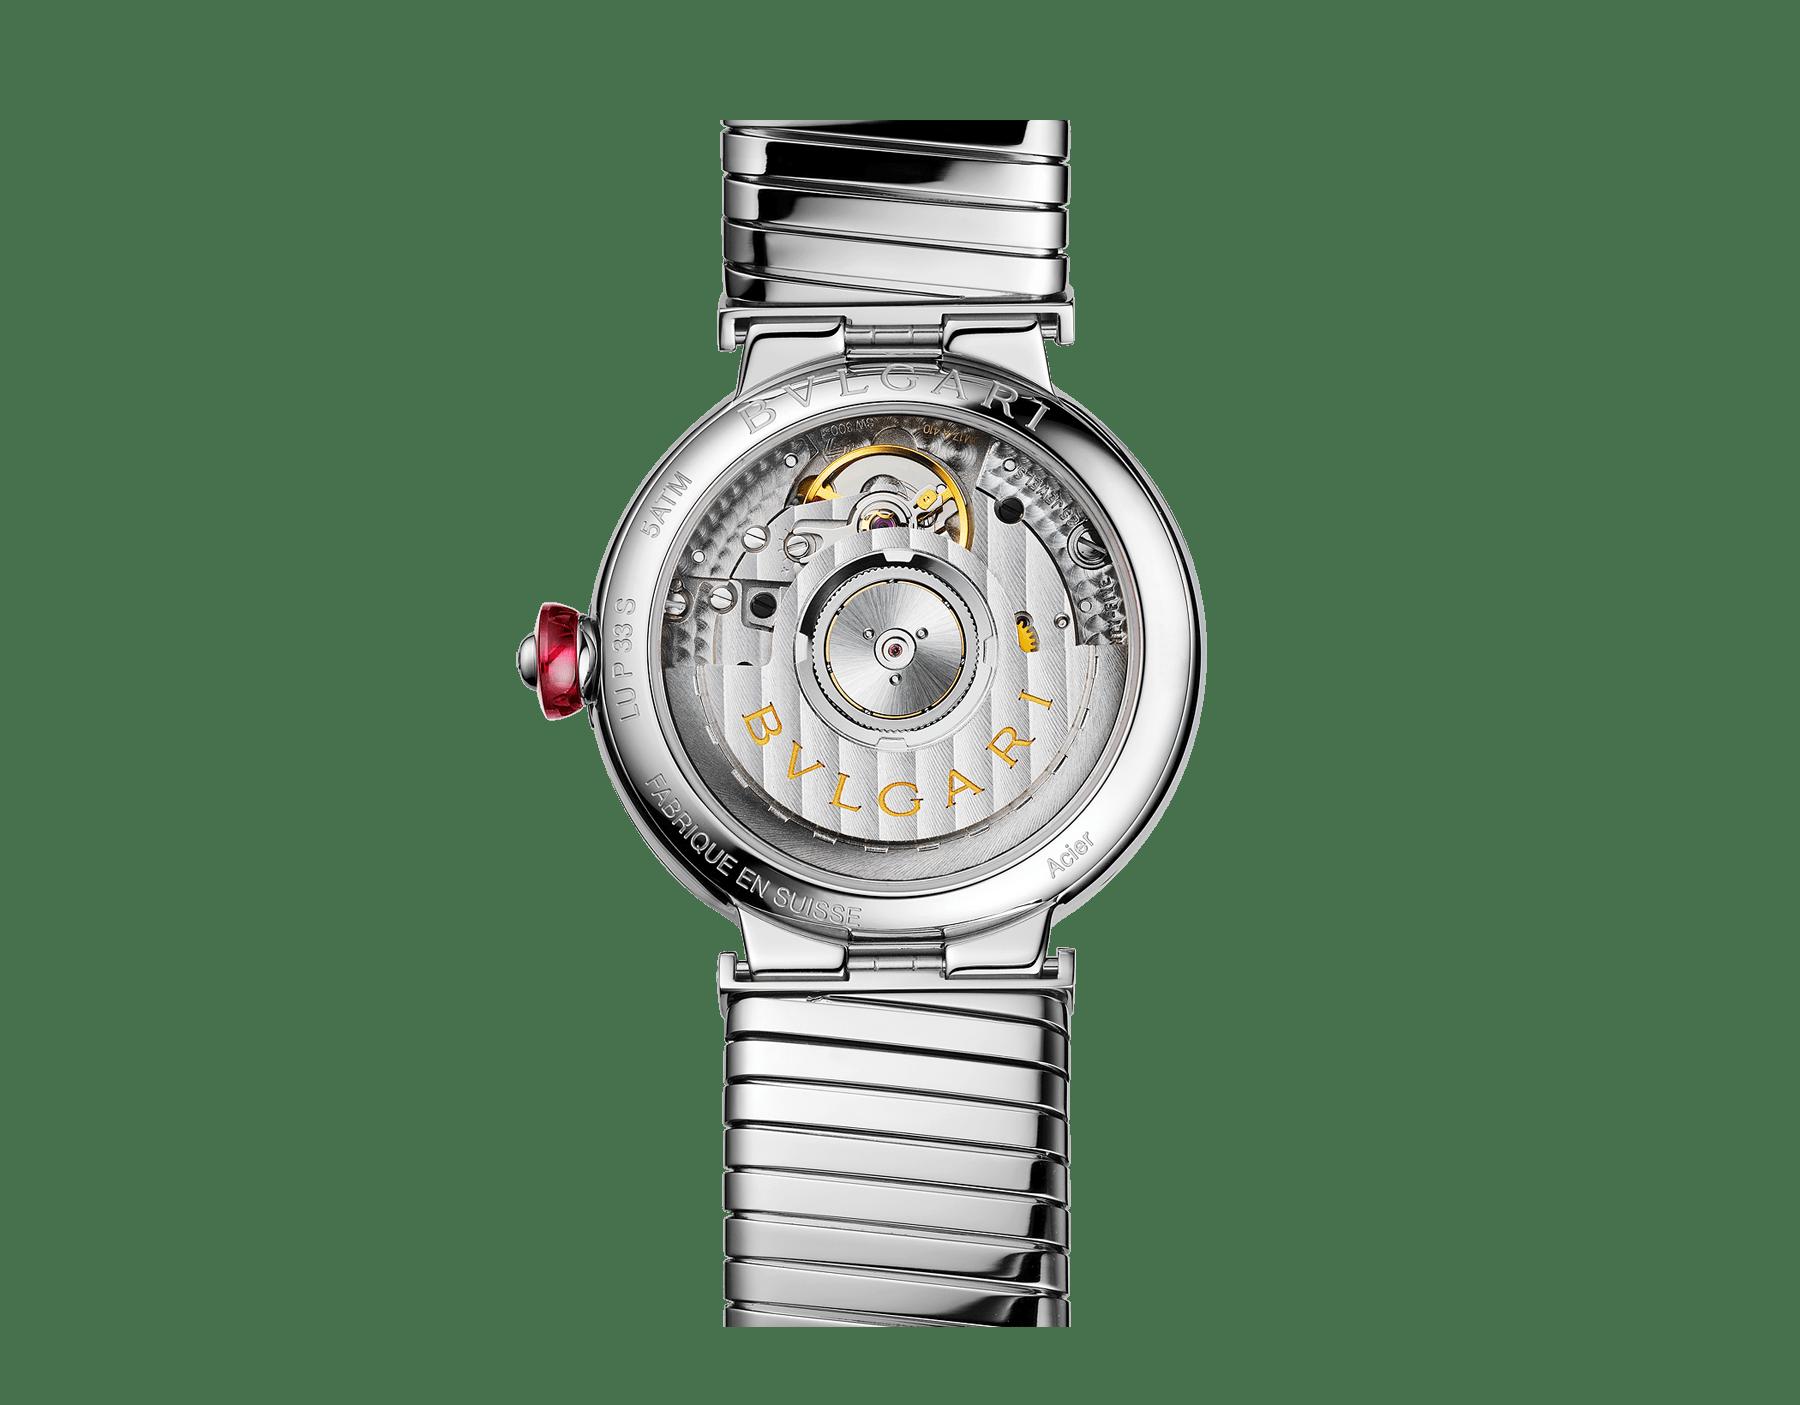 LVCEA Tubogas光环腕表,精钢表壳和Tubogas表链,搭配黑色漆面表盘和钻石时标。 102953 image 3